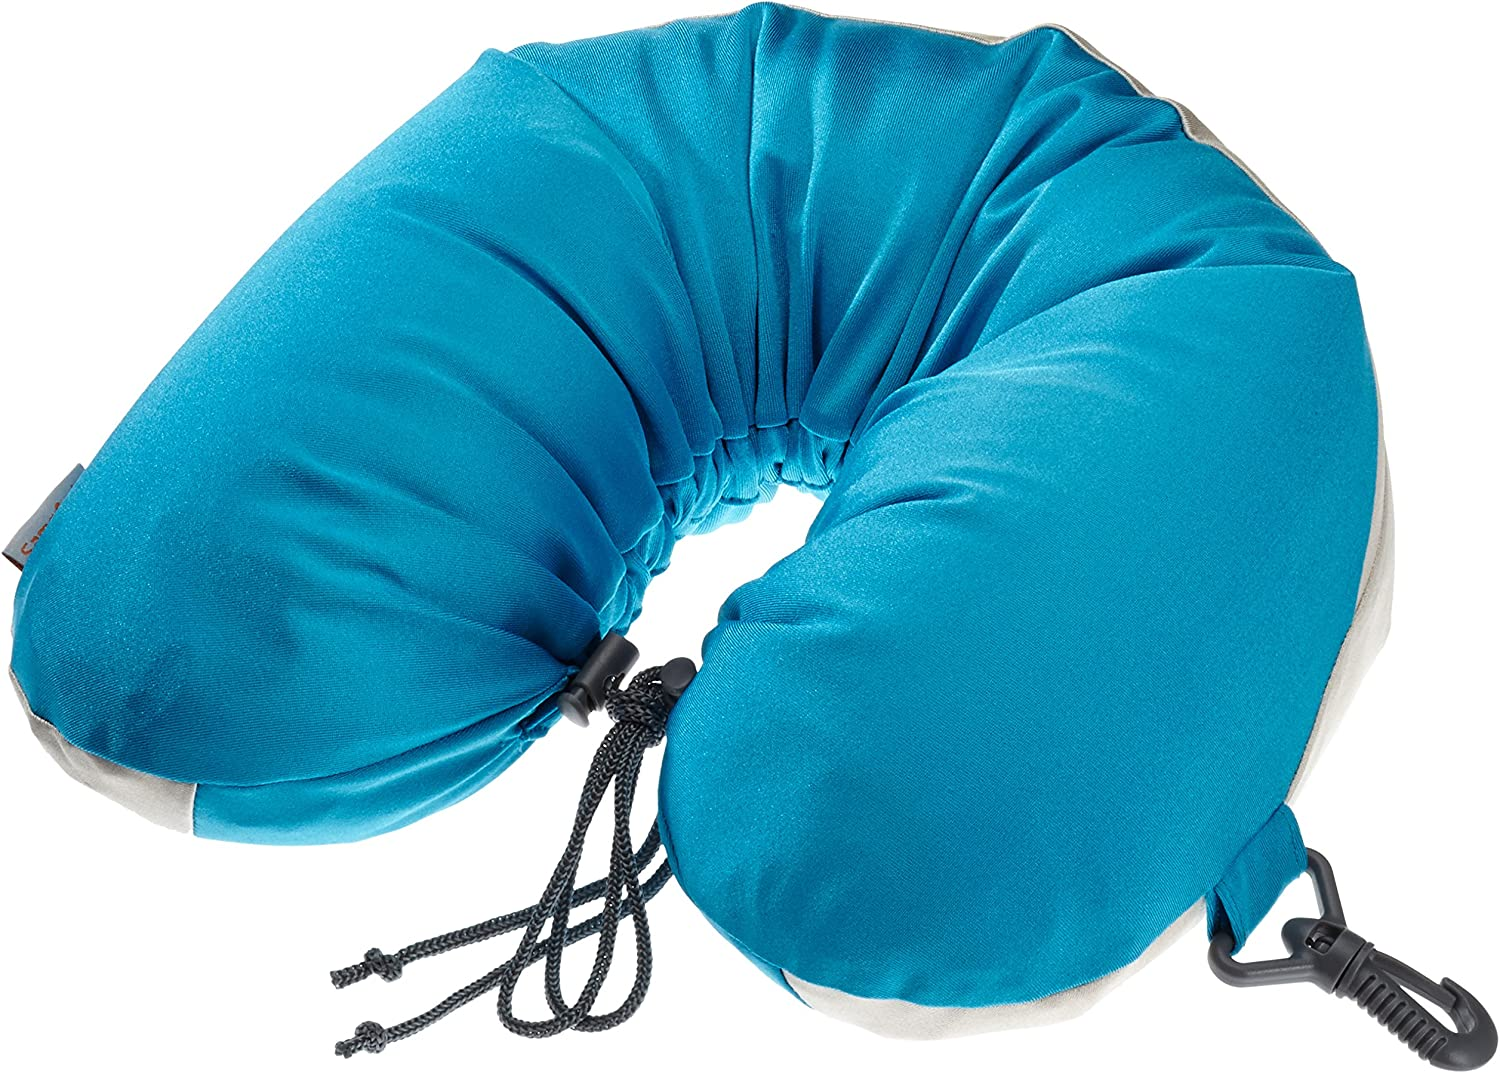 Samsonite Convertible Travel Pillow